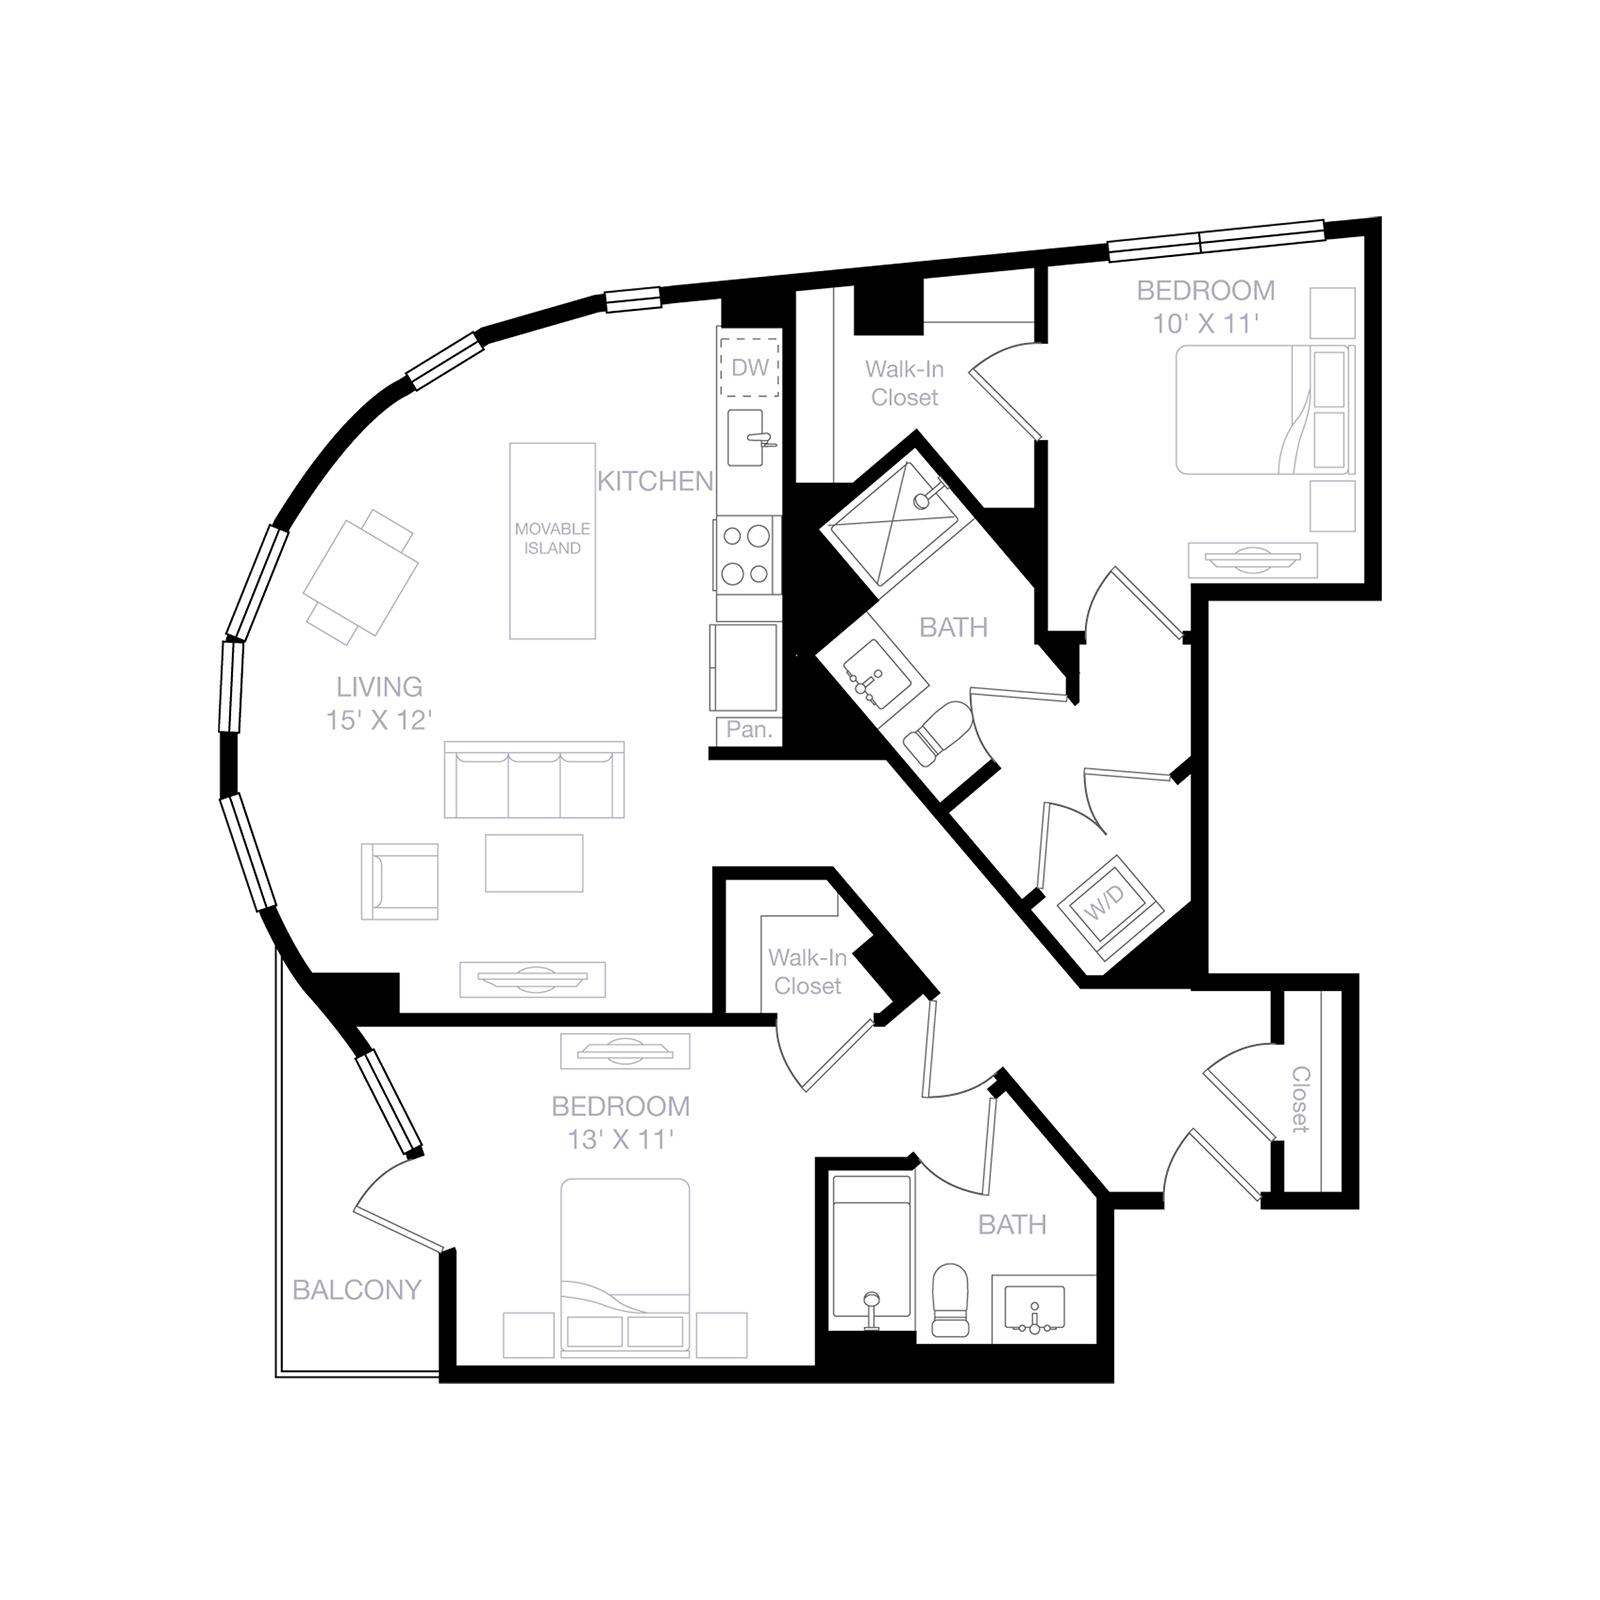 B13 diagram